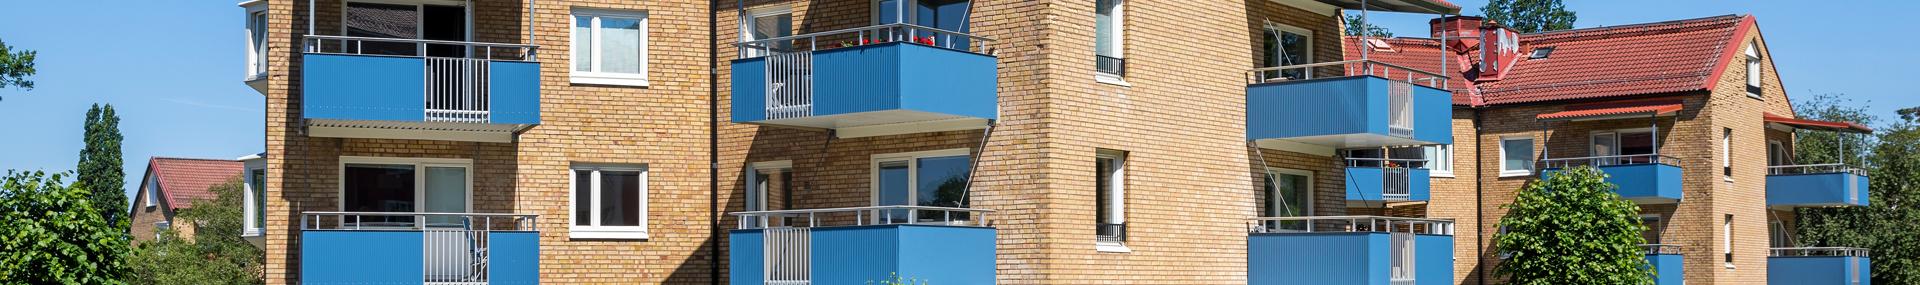 Lägenheter med balkonger